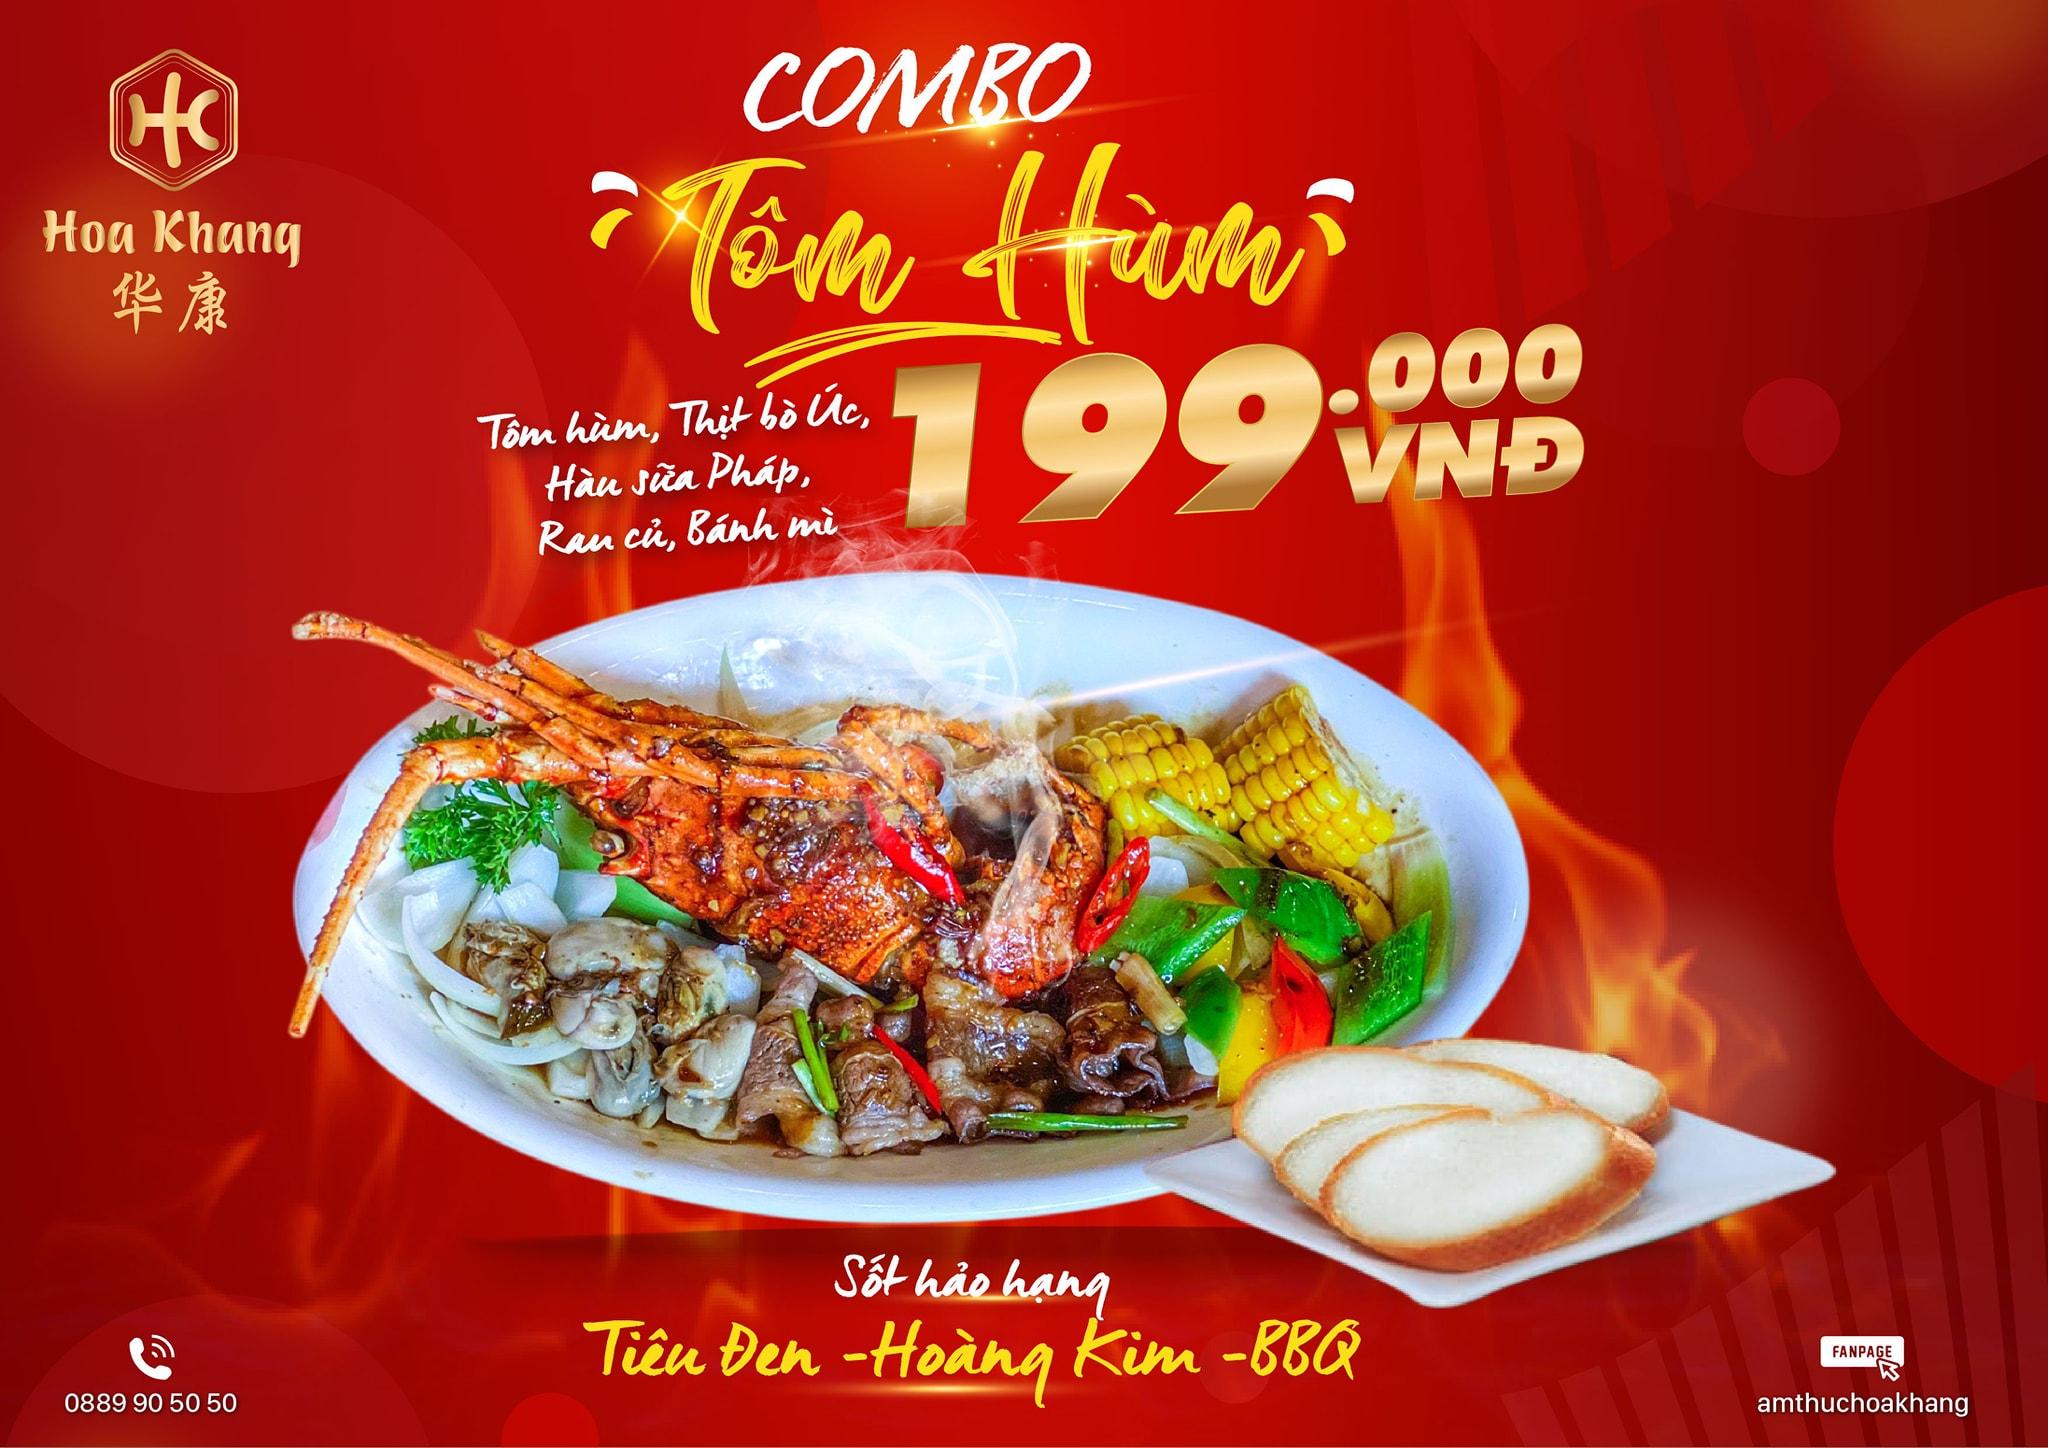 Bỏ túi loạt địa chỉ ăn uống giảm giá 'khủng' dịp cuối tuần tại Sài Gòn  - Ảnh 2.